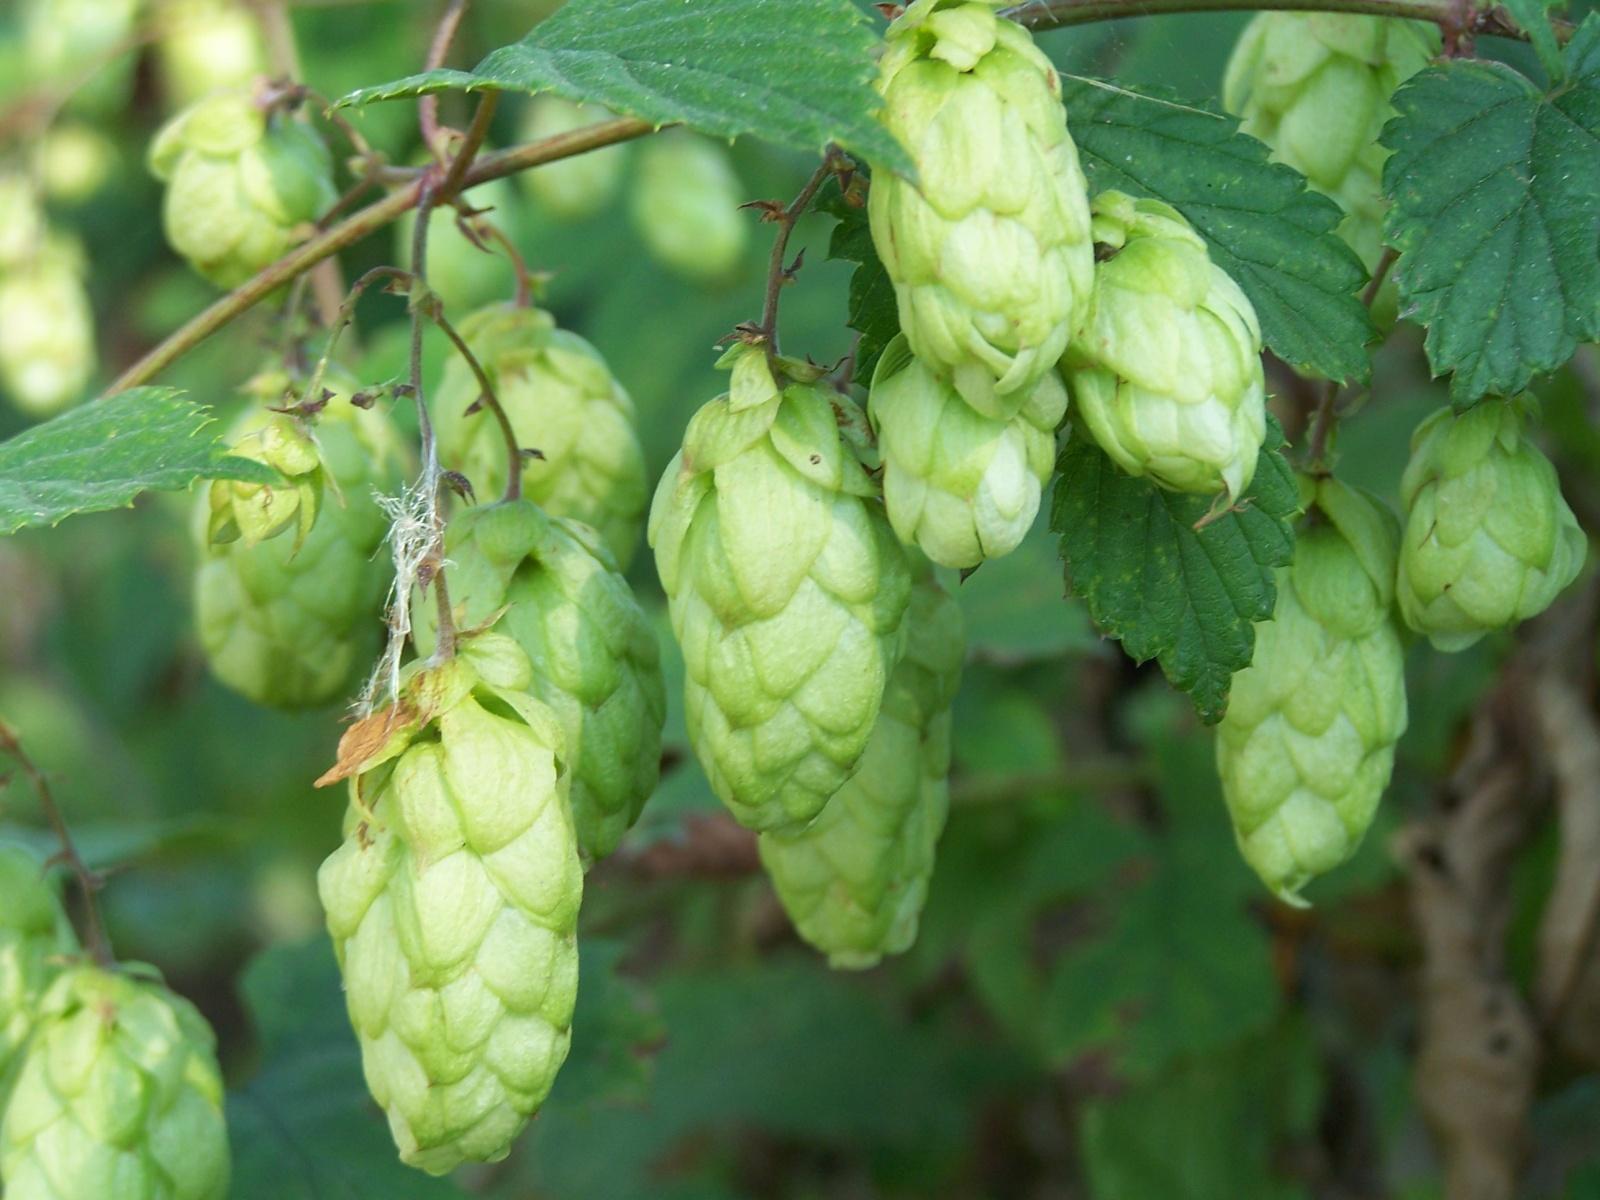 Rynek piwa w Polsce w 2015 roku i jego znaczenie dla gospodarki europejskiej